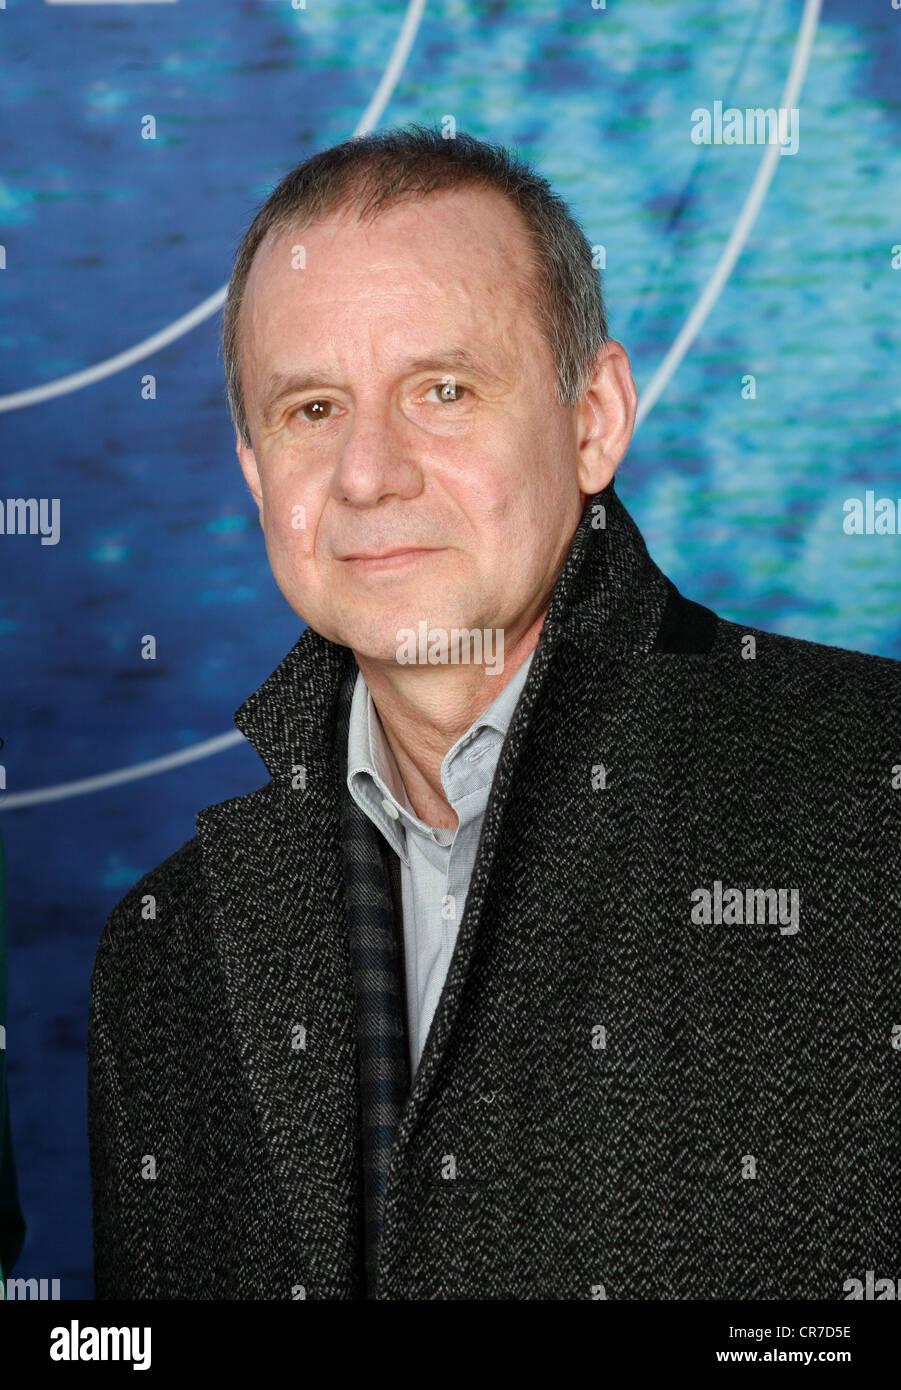 """Krol, Joachim, * 17.6.1957, attore tedesco, ritratto, photocall per il tedesco della serie TV """" Tatort', Immagini Stock"""